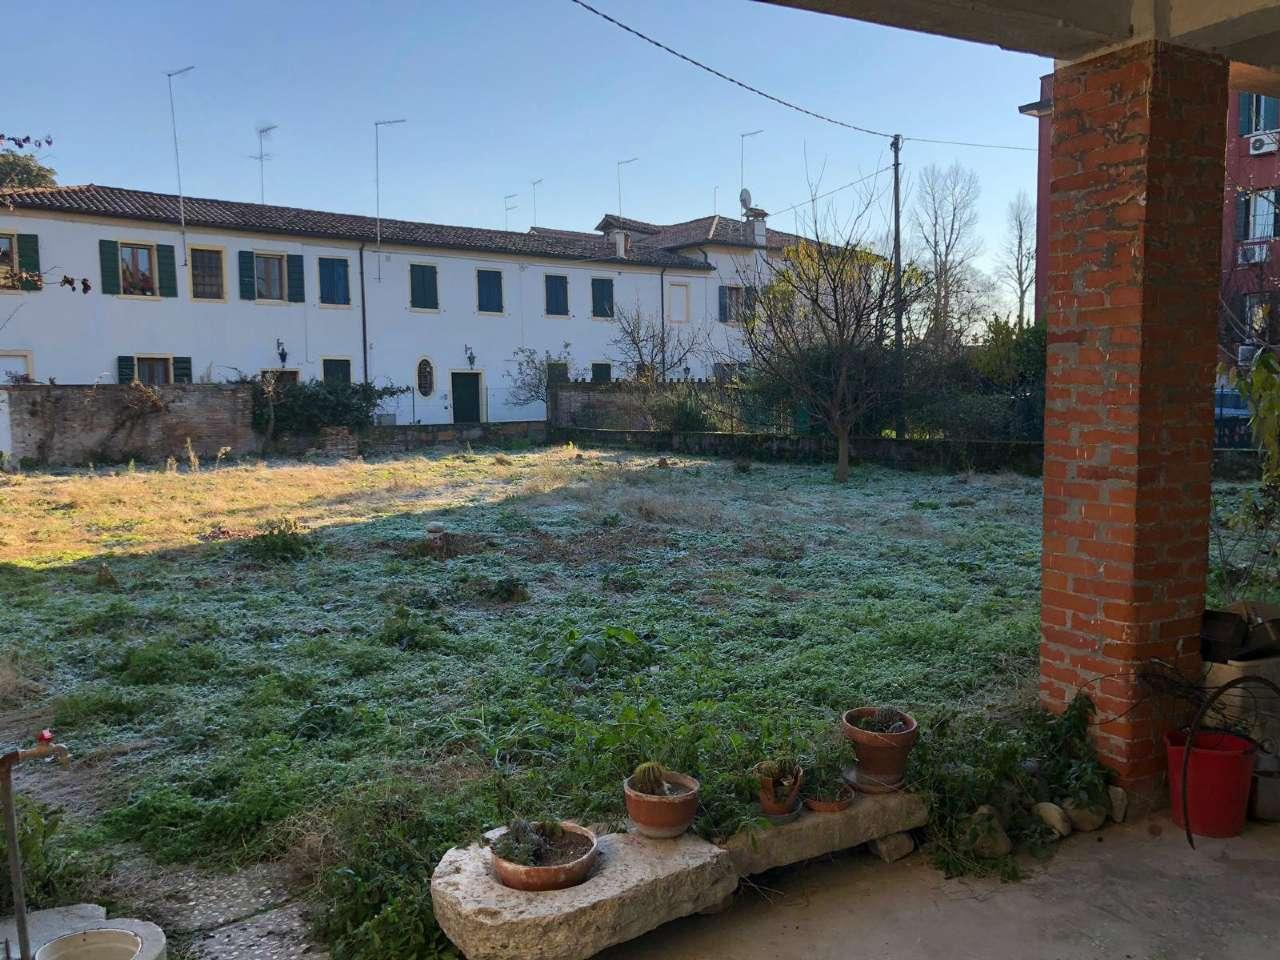 Soluzione Indipendente in vendita a Mira, 8 locali, prezzo € 189.000 | CambioCasa.it